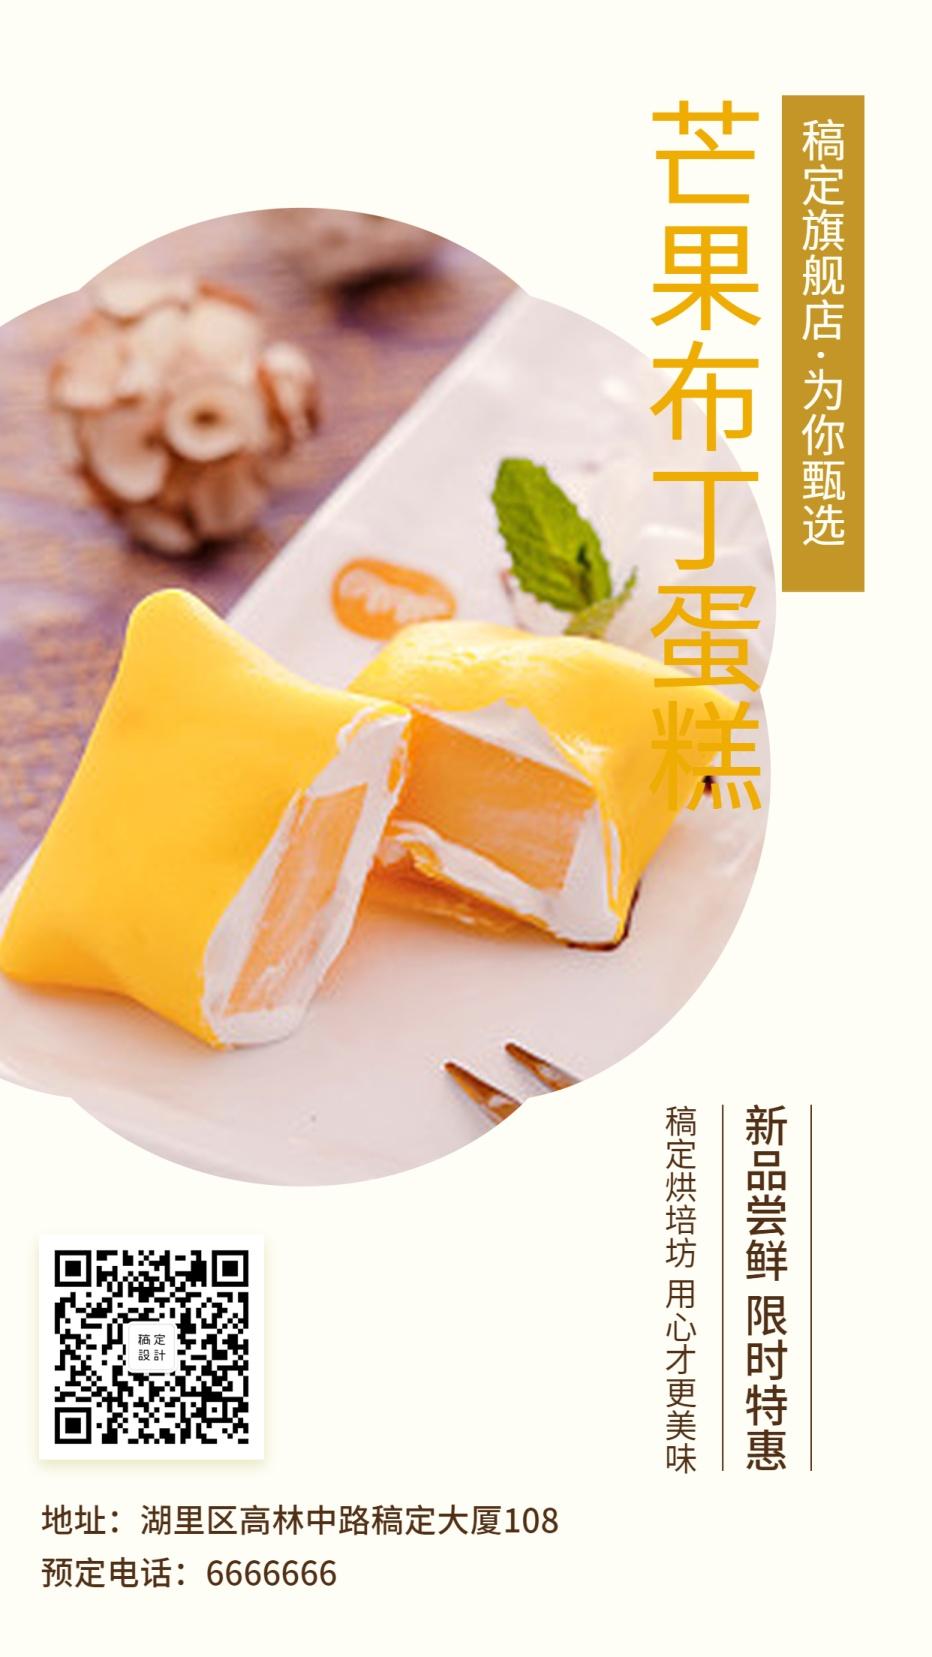 下午茶/甜品/手机海报